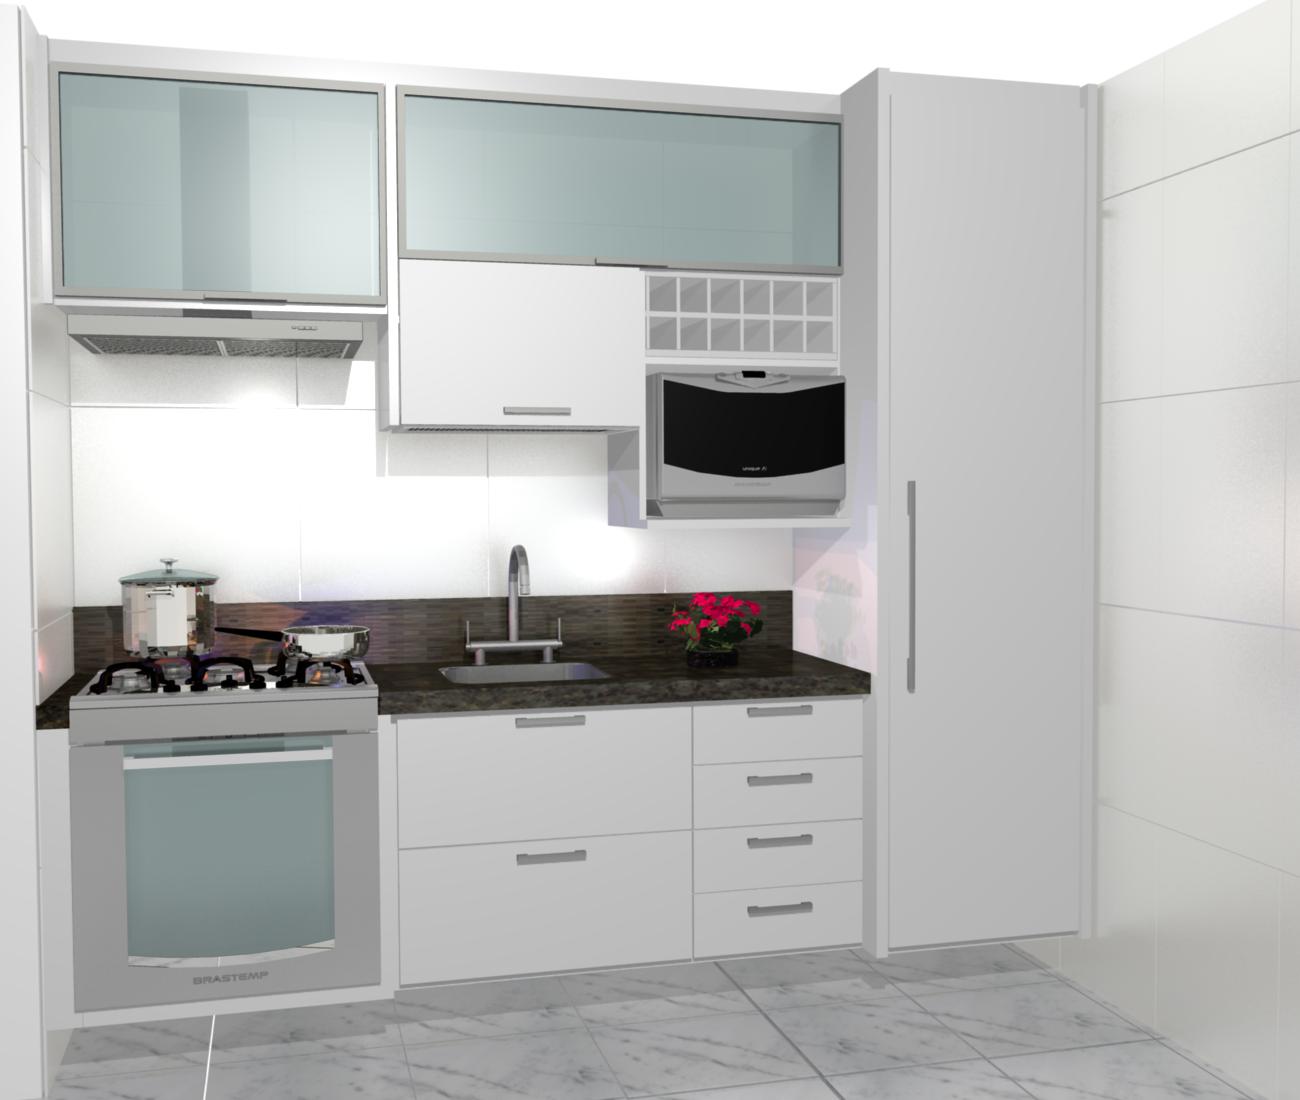 PROJETOS (11) 3976 8616: cozinha planejadas pequenas decorada #644042 1300 1100